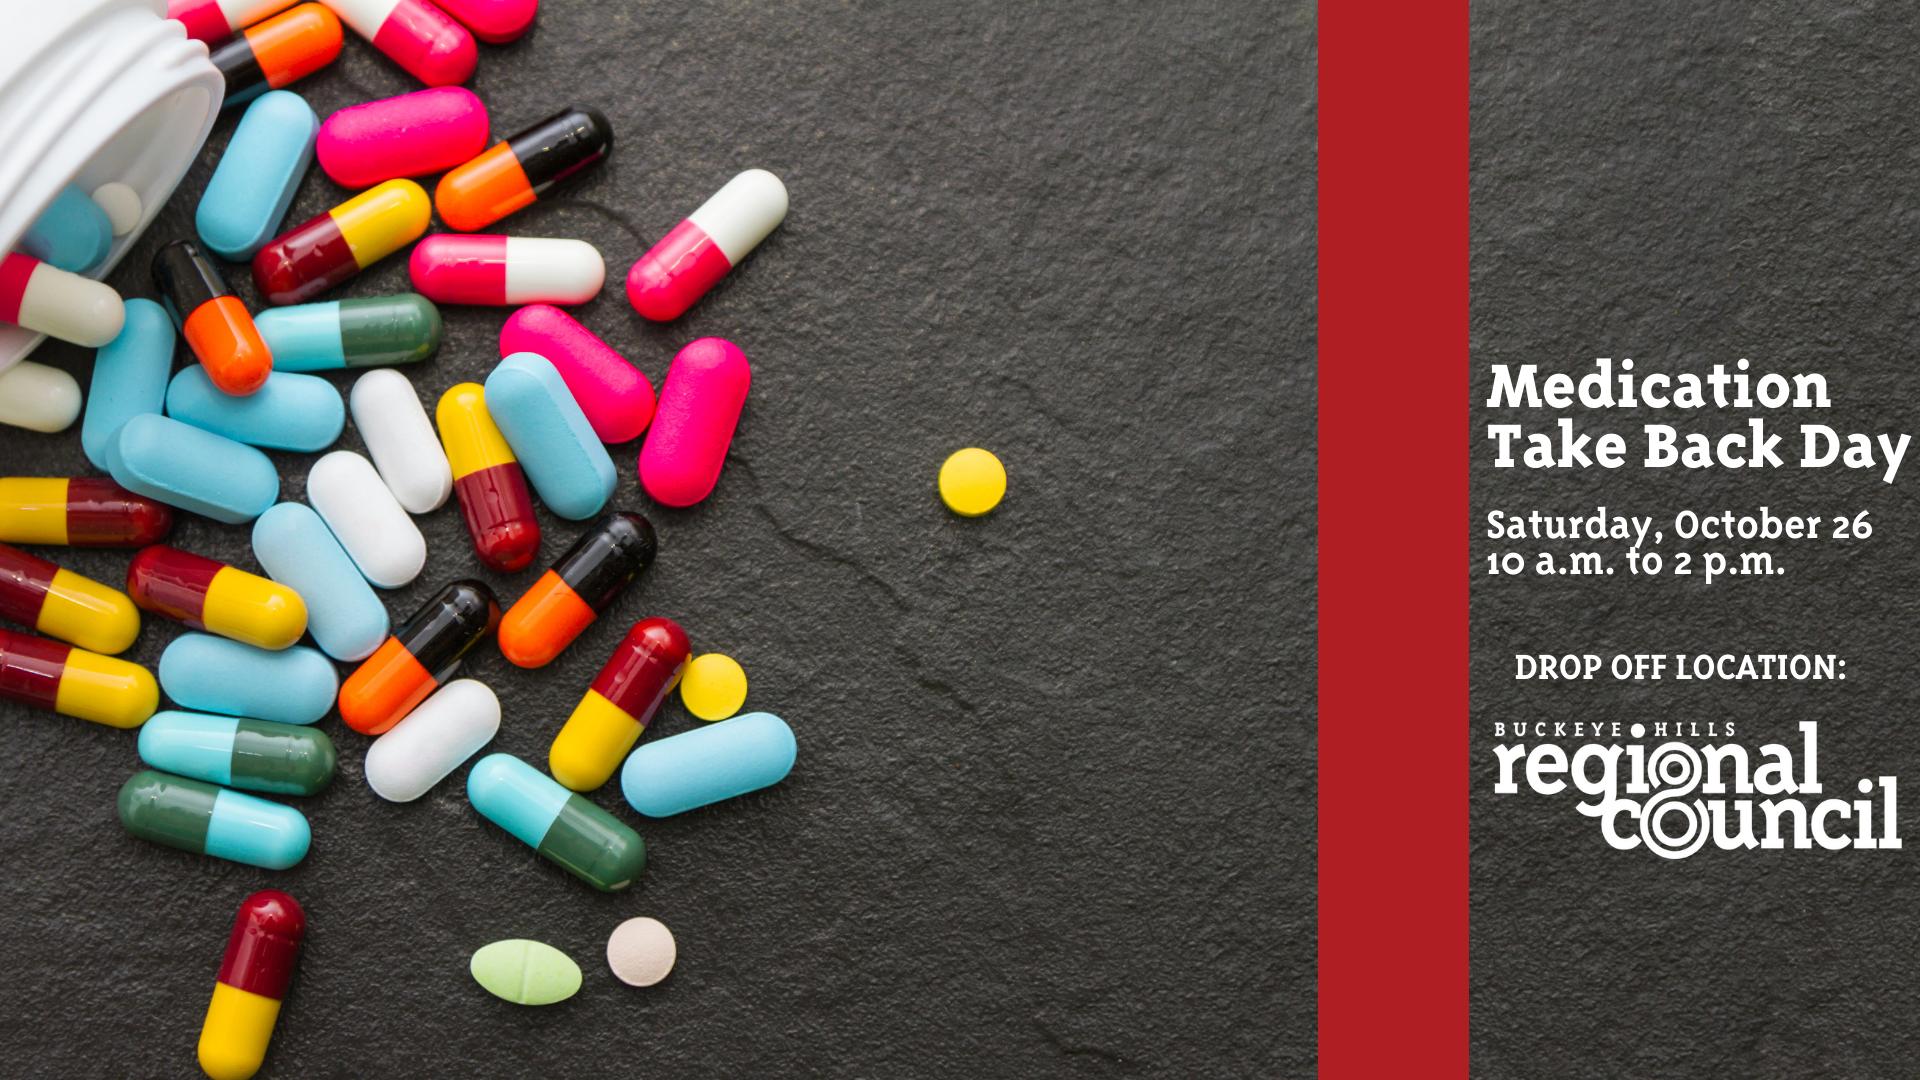 FBEvent-Medication-Take-Back-2019.png